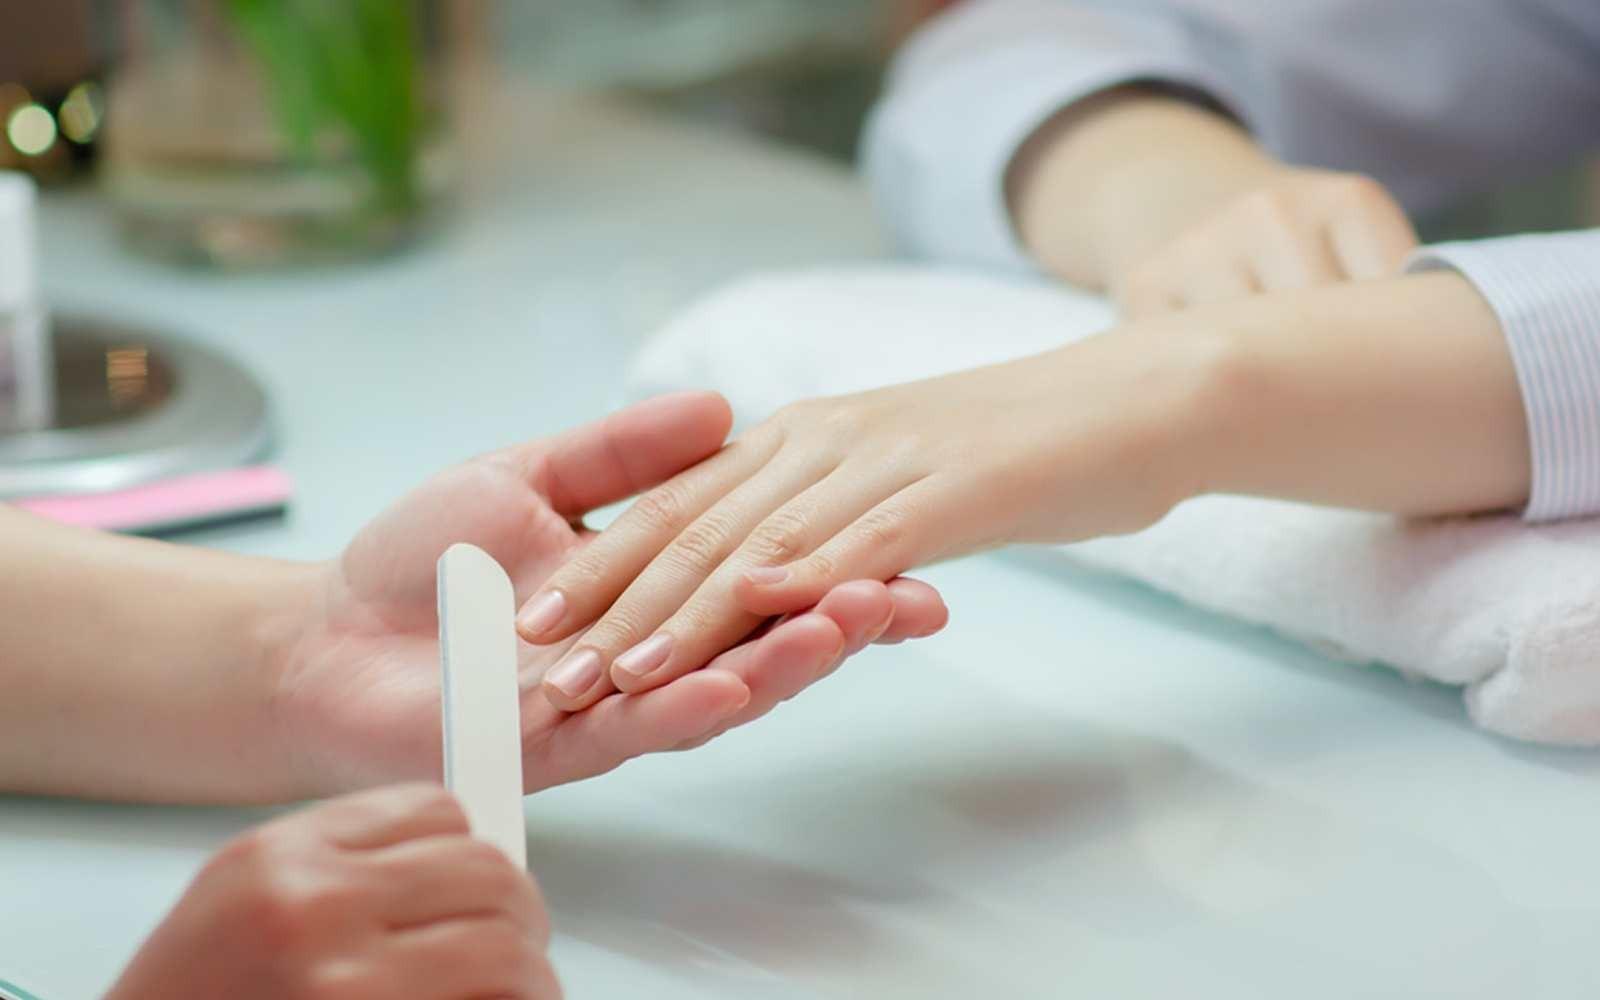 Tips Aman Perawatan Kuku Manikur Pedikur untuk Diabetesi